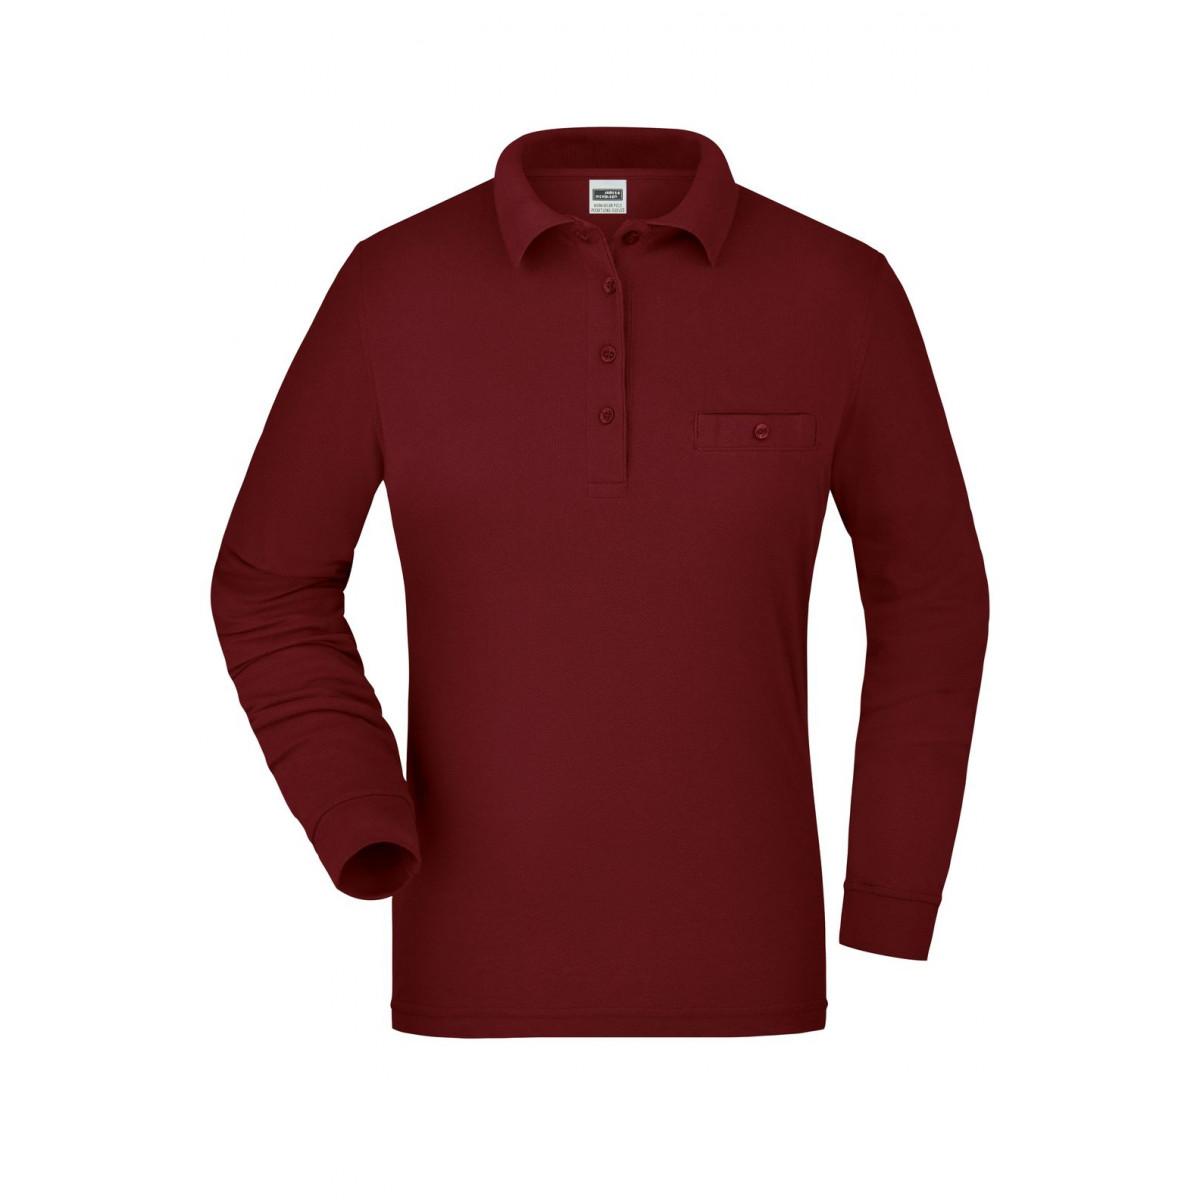 Рубашка поло женская JN865 Ladies Workwear Polo Pocket Longsleeve - Бордовый